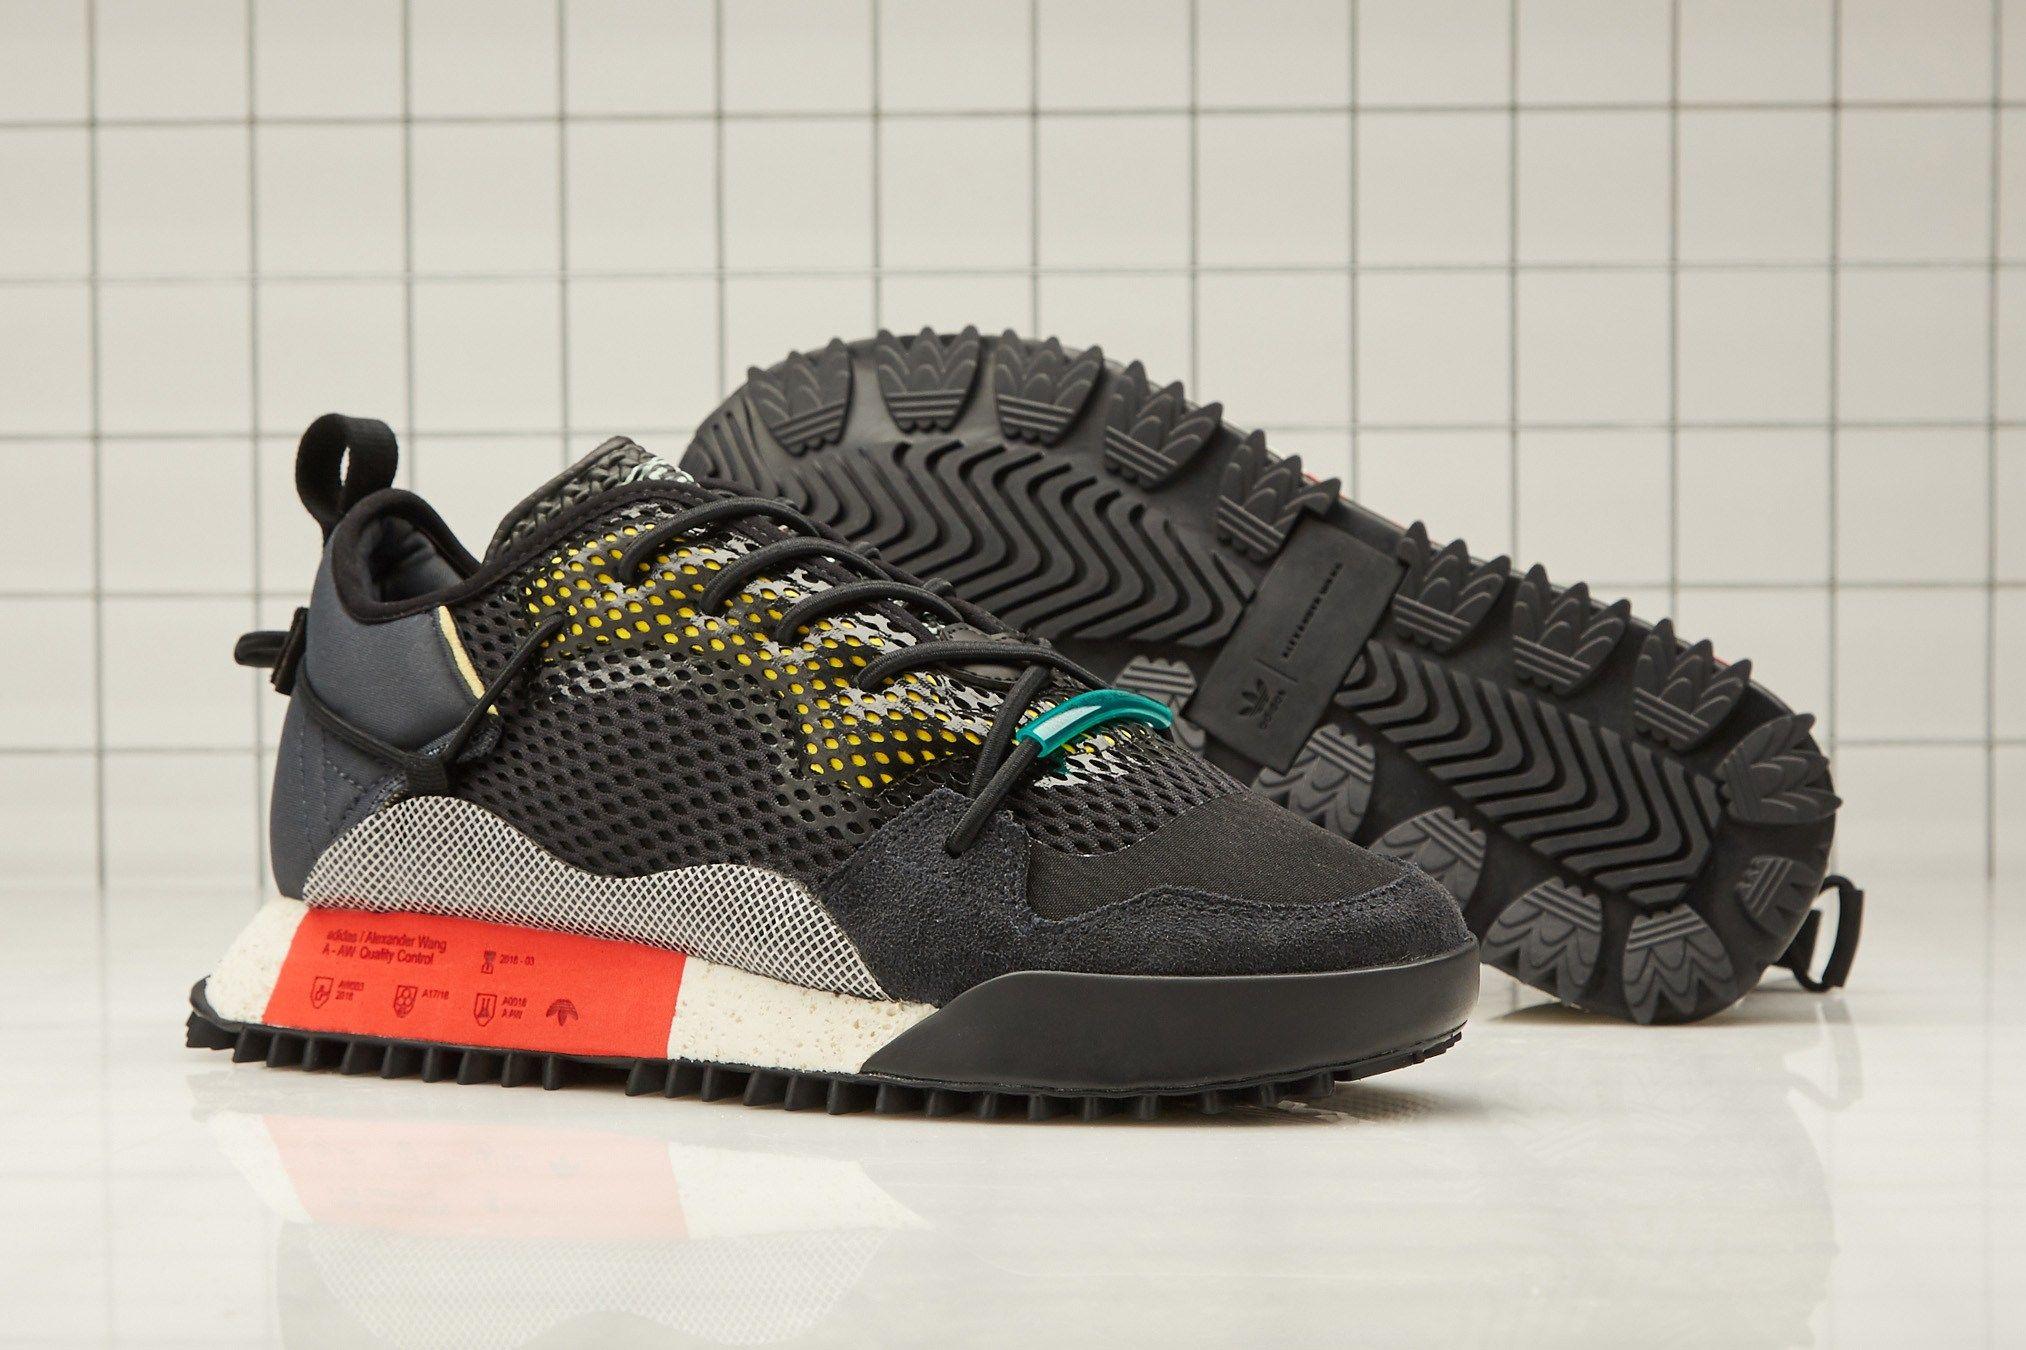 adidas Originals by Alexander Wang Season 3 Drop 2 | Schuhe